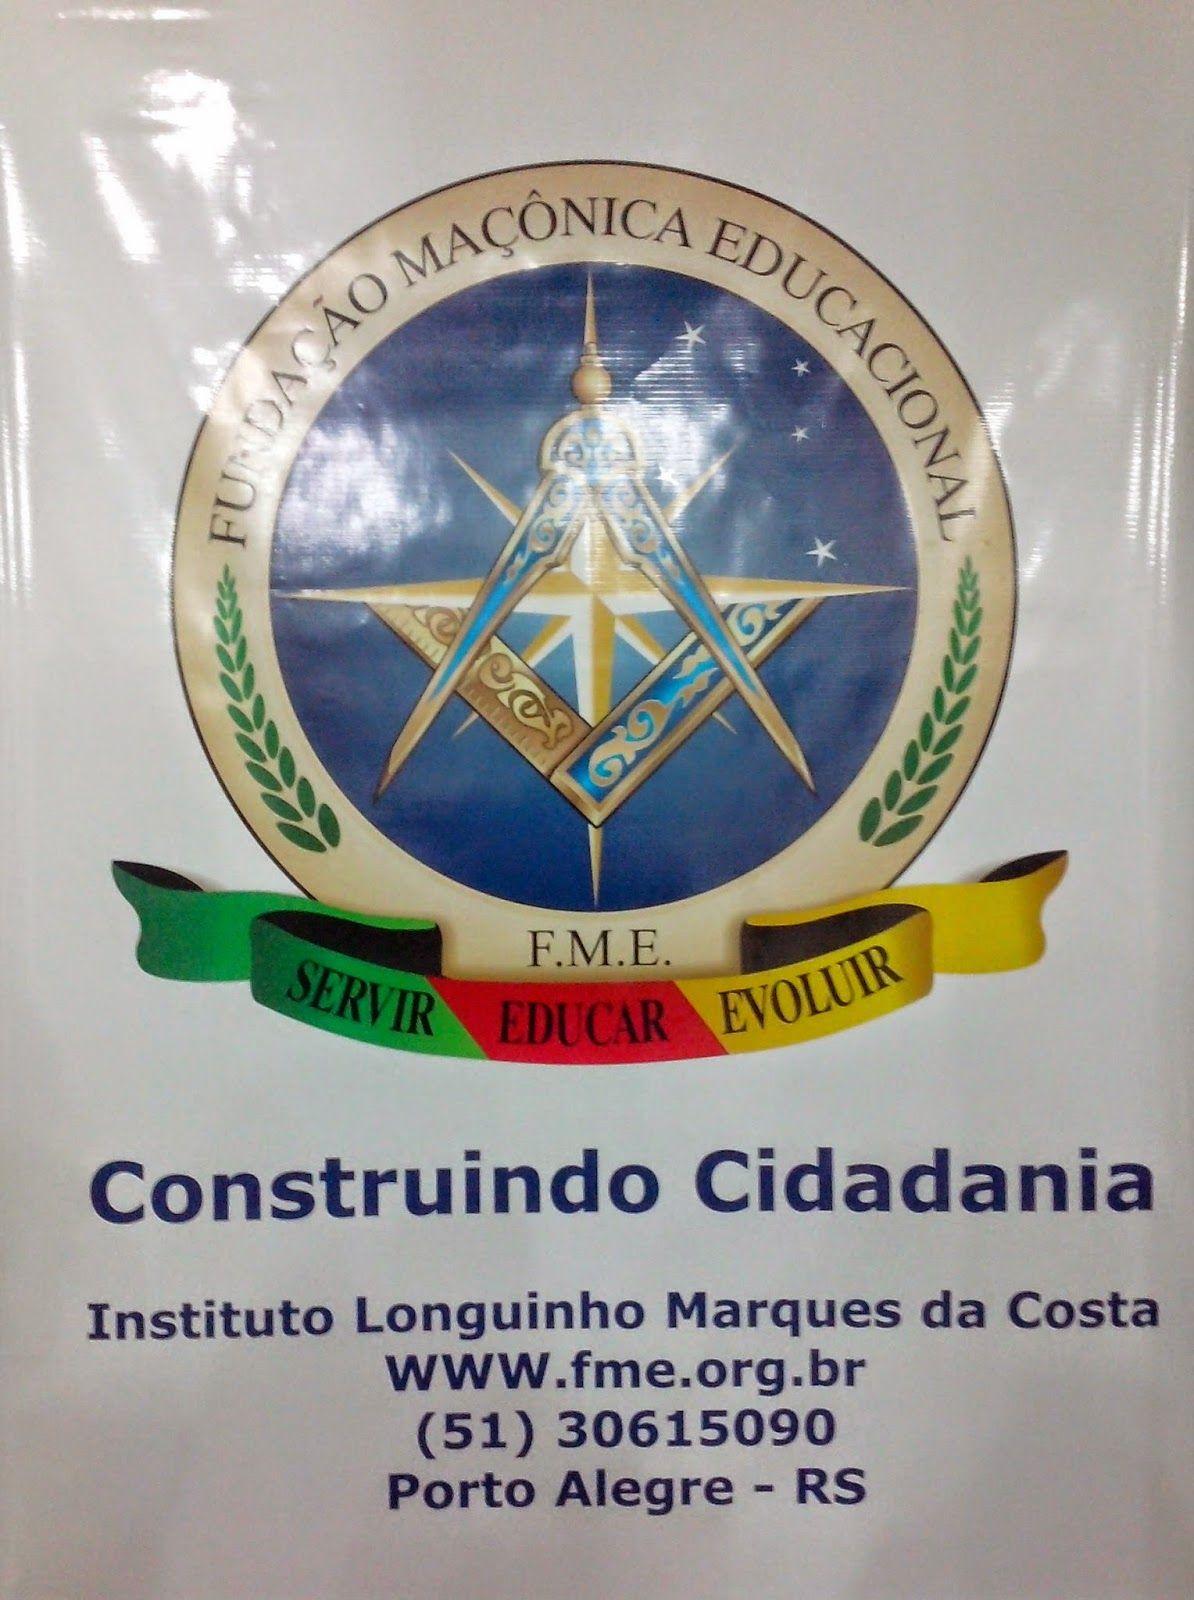 RITO BRASILEIRO DE MAÇONS ANTIGOS LIVRES E ACEITOS MM